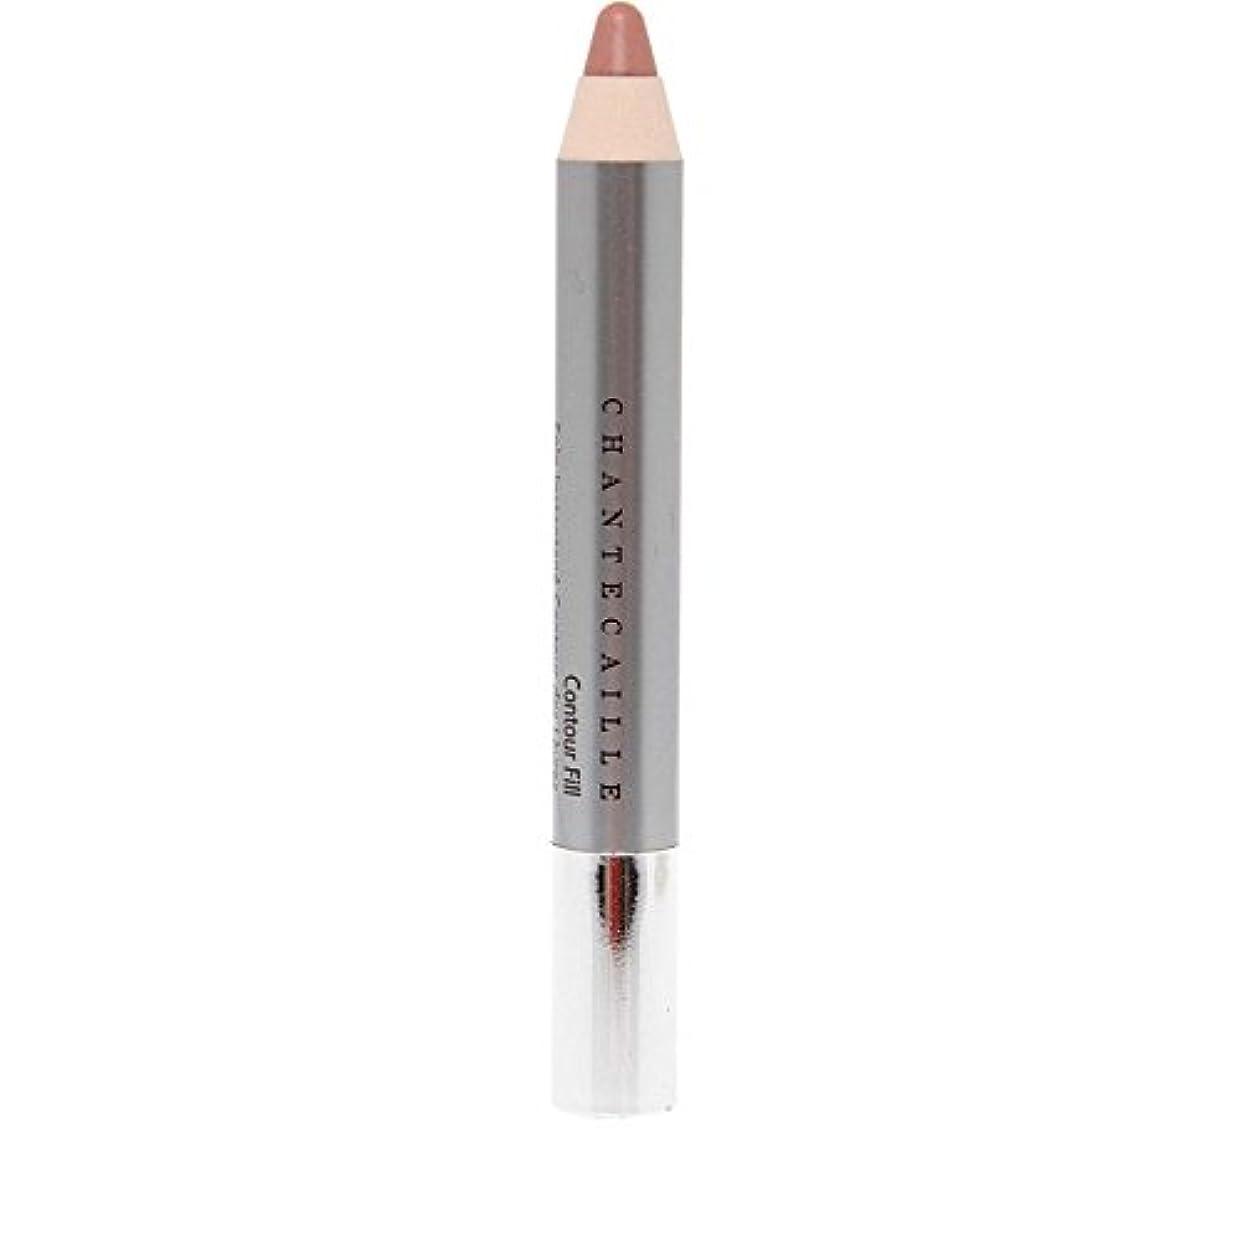 前部公然とシティChantecaille Lip Contour Fill Pencil - シャンテカイユリップ輪郭フィル鉛筆 [並行輸入品]